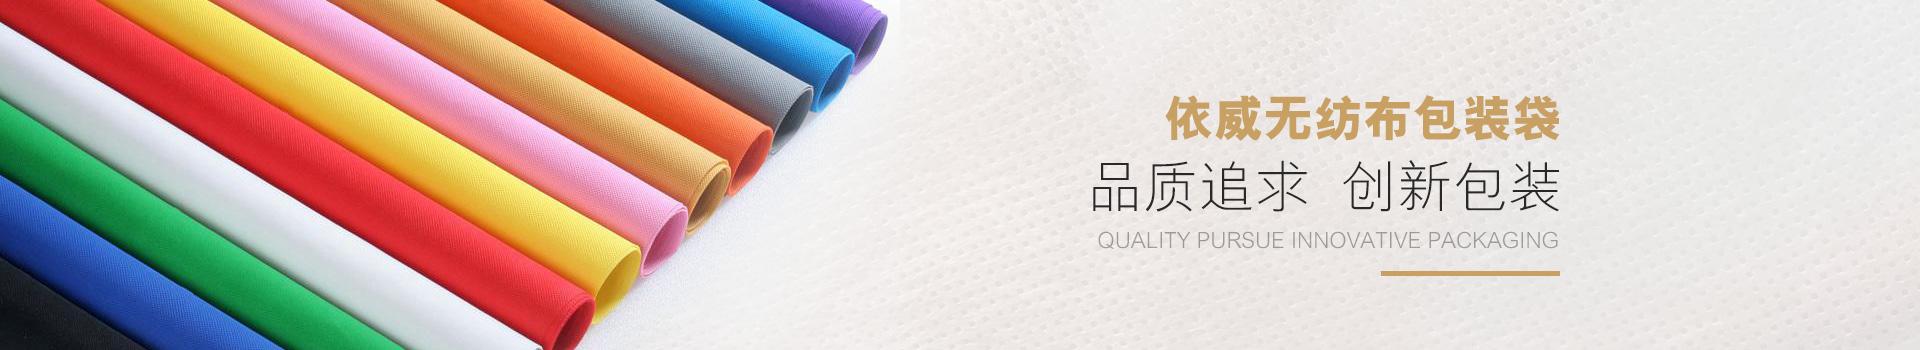 依威无纺布包装袋品质追求,创新包装